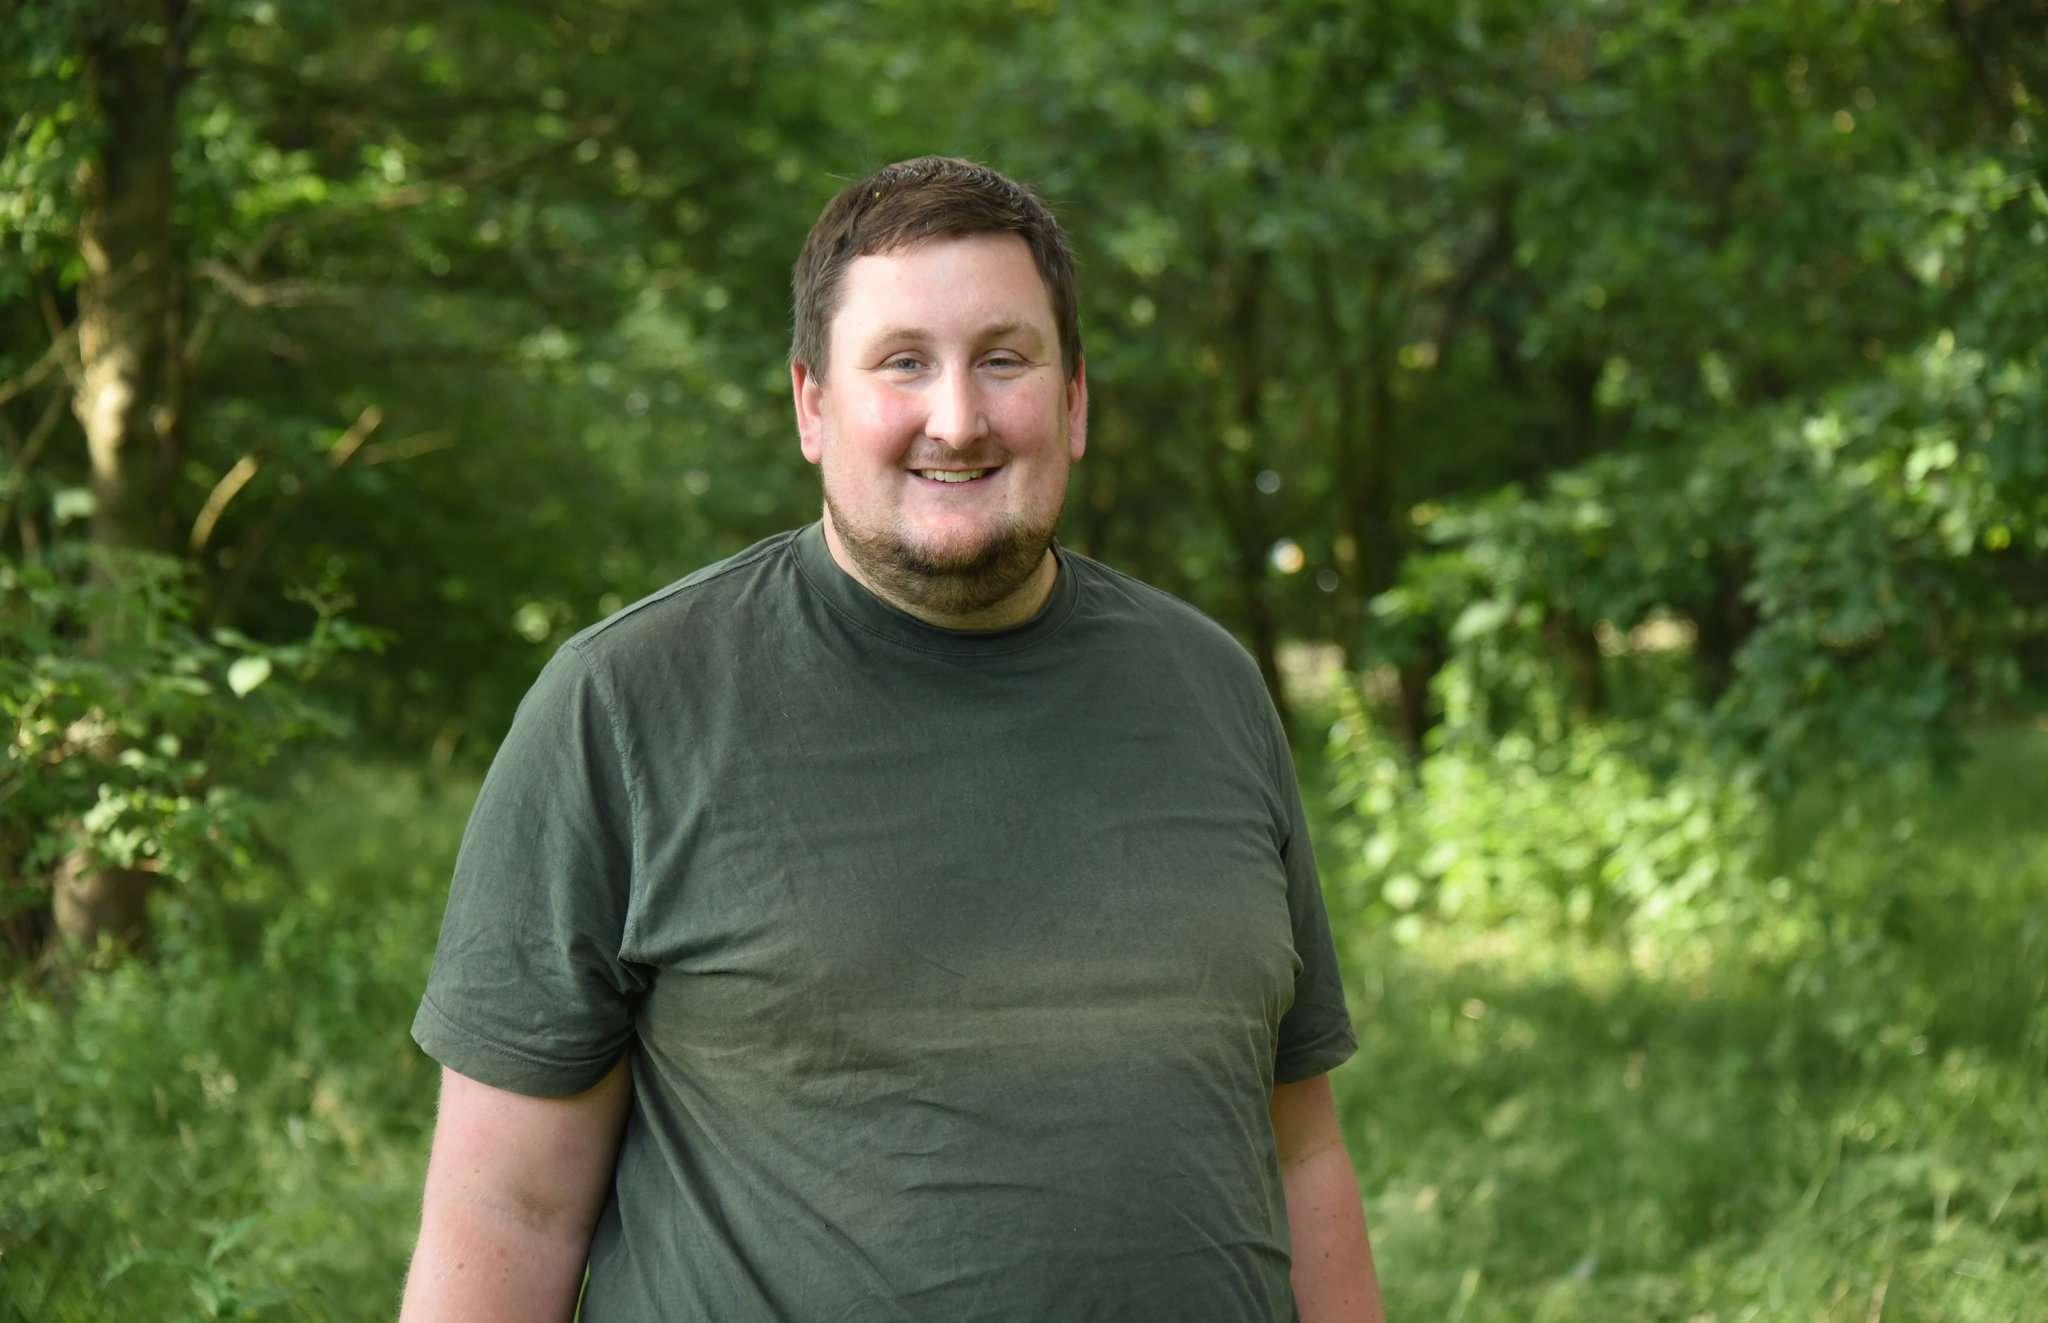 Tobias Hanschen, Vorsitzender der Rehkitzrettung Sottrum, sucht Tierfreunde, die bei Einsätzen mithelfen wollen.